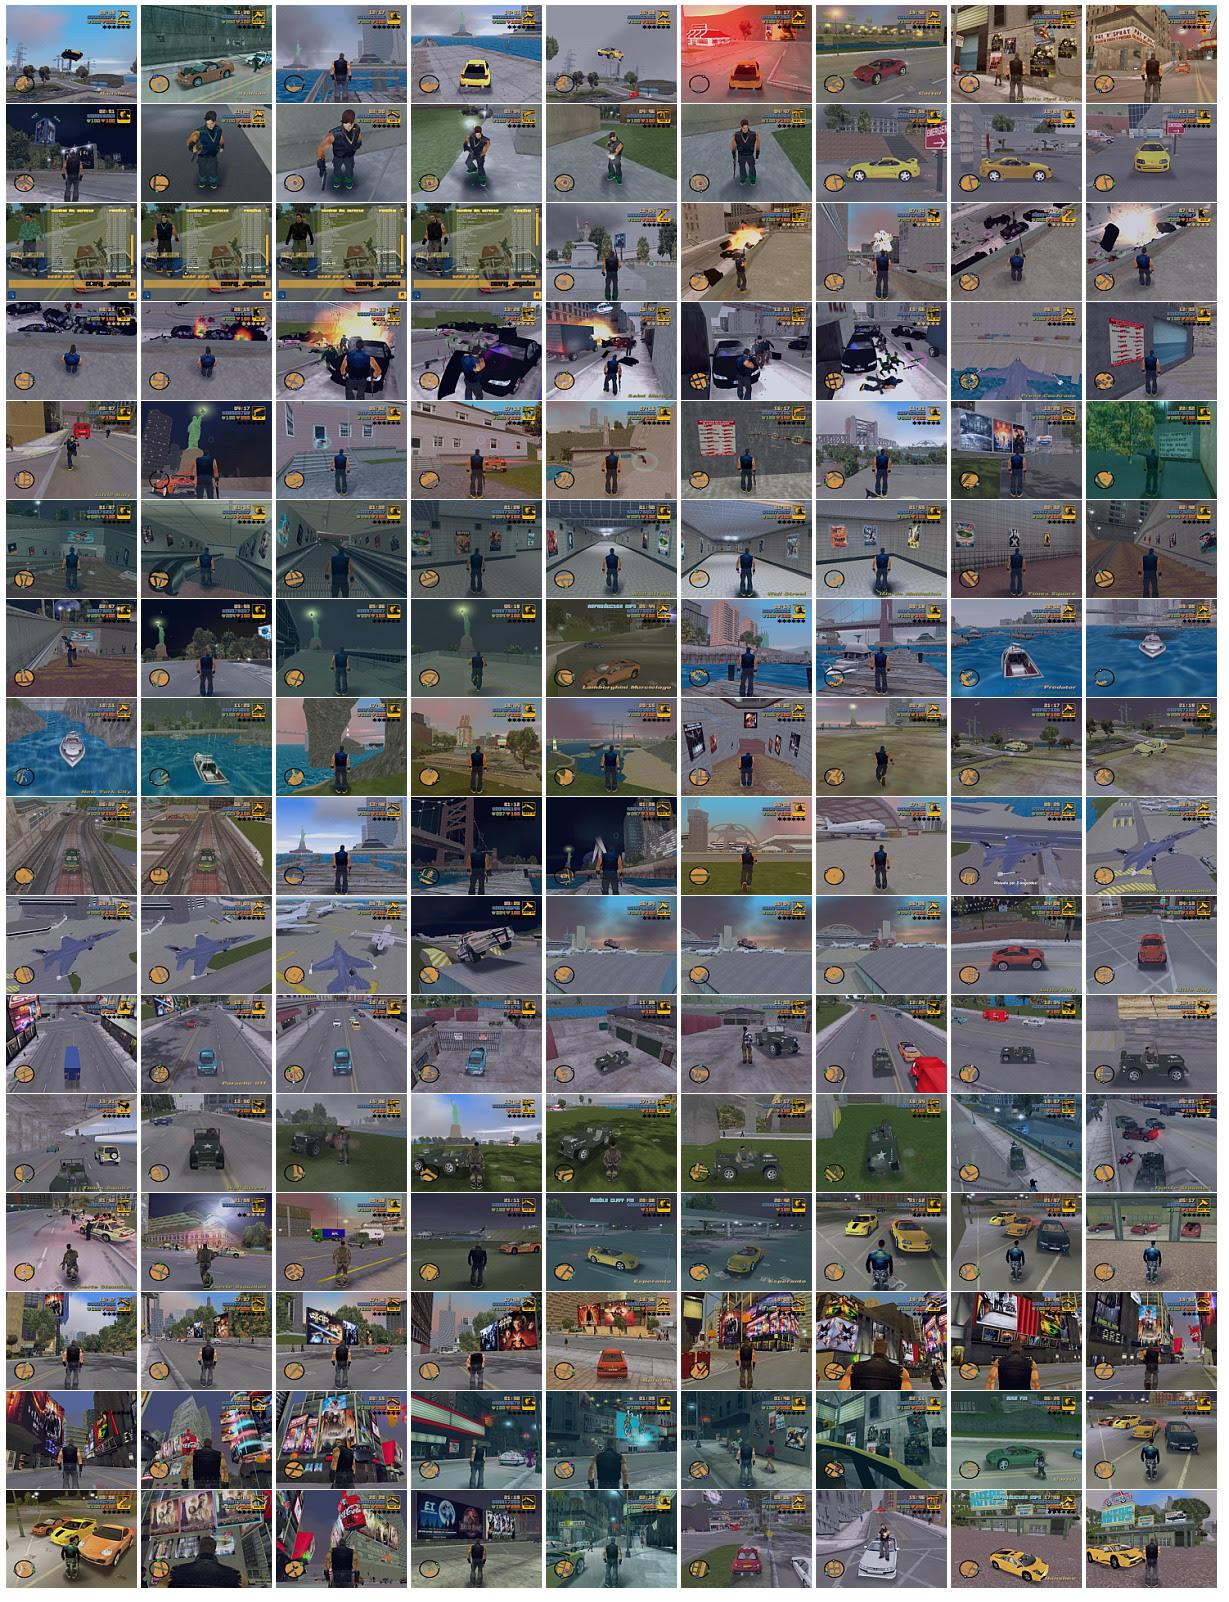 FOTOS DEL MOD DE STARMAN PARA GTA3